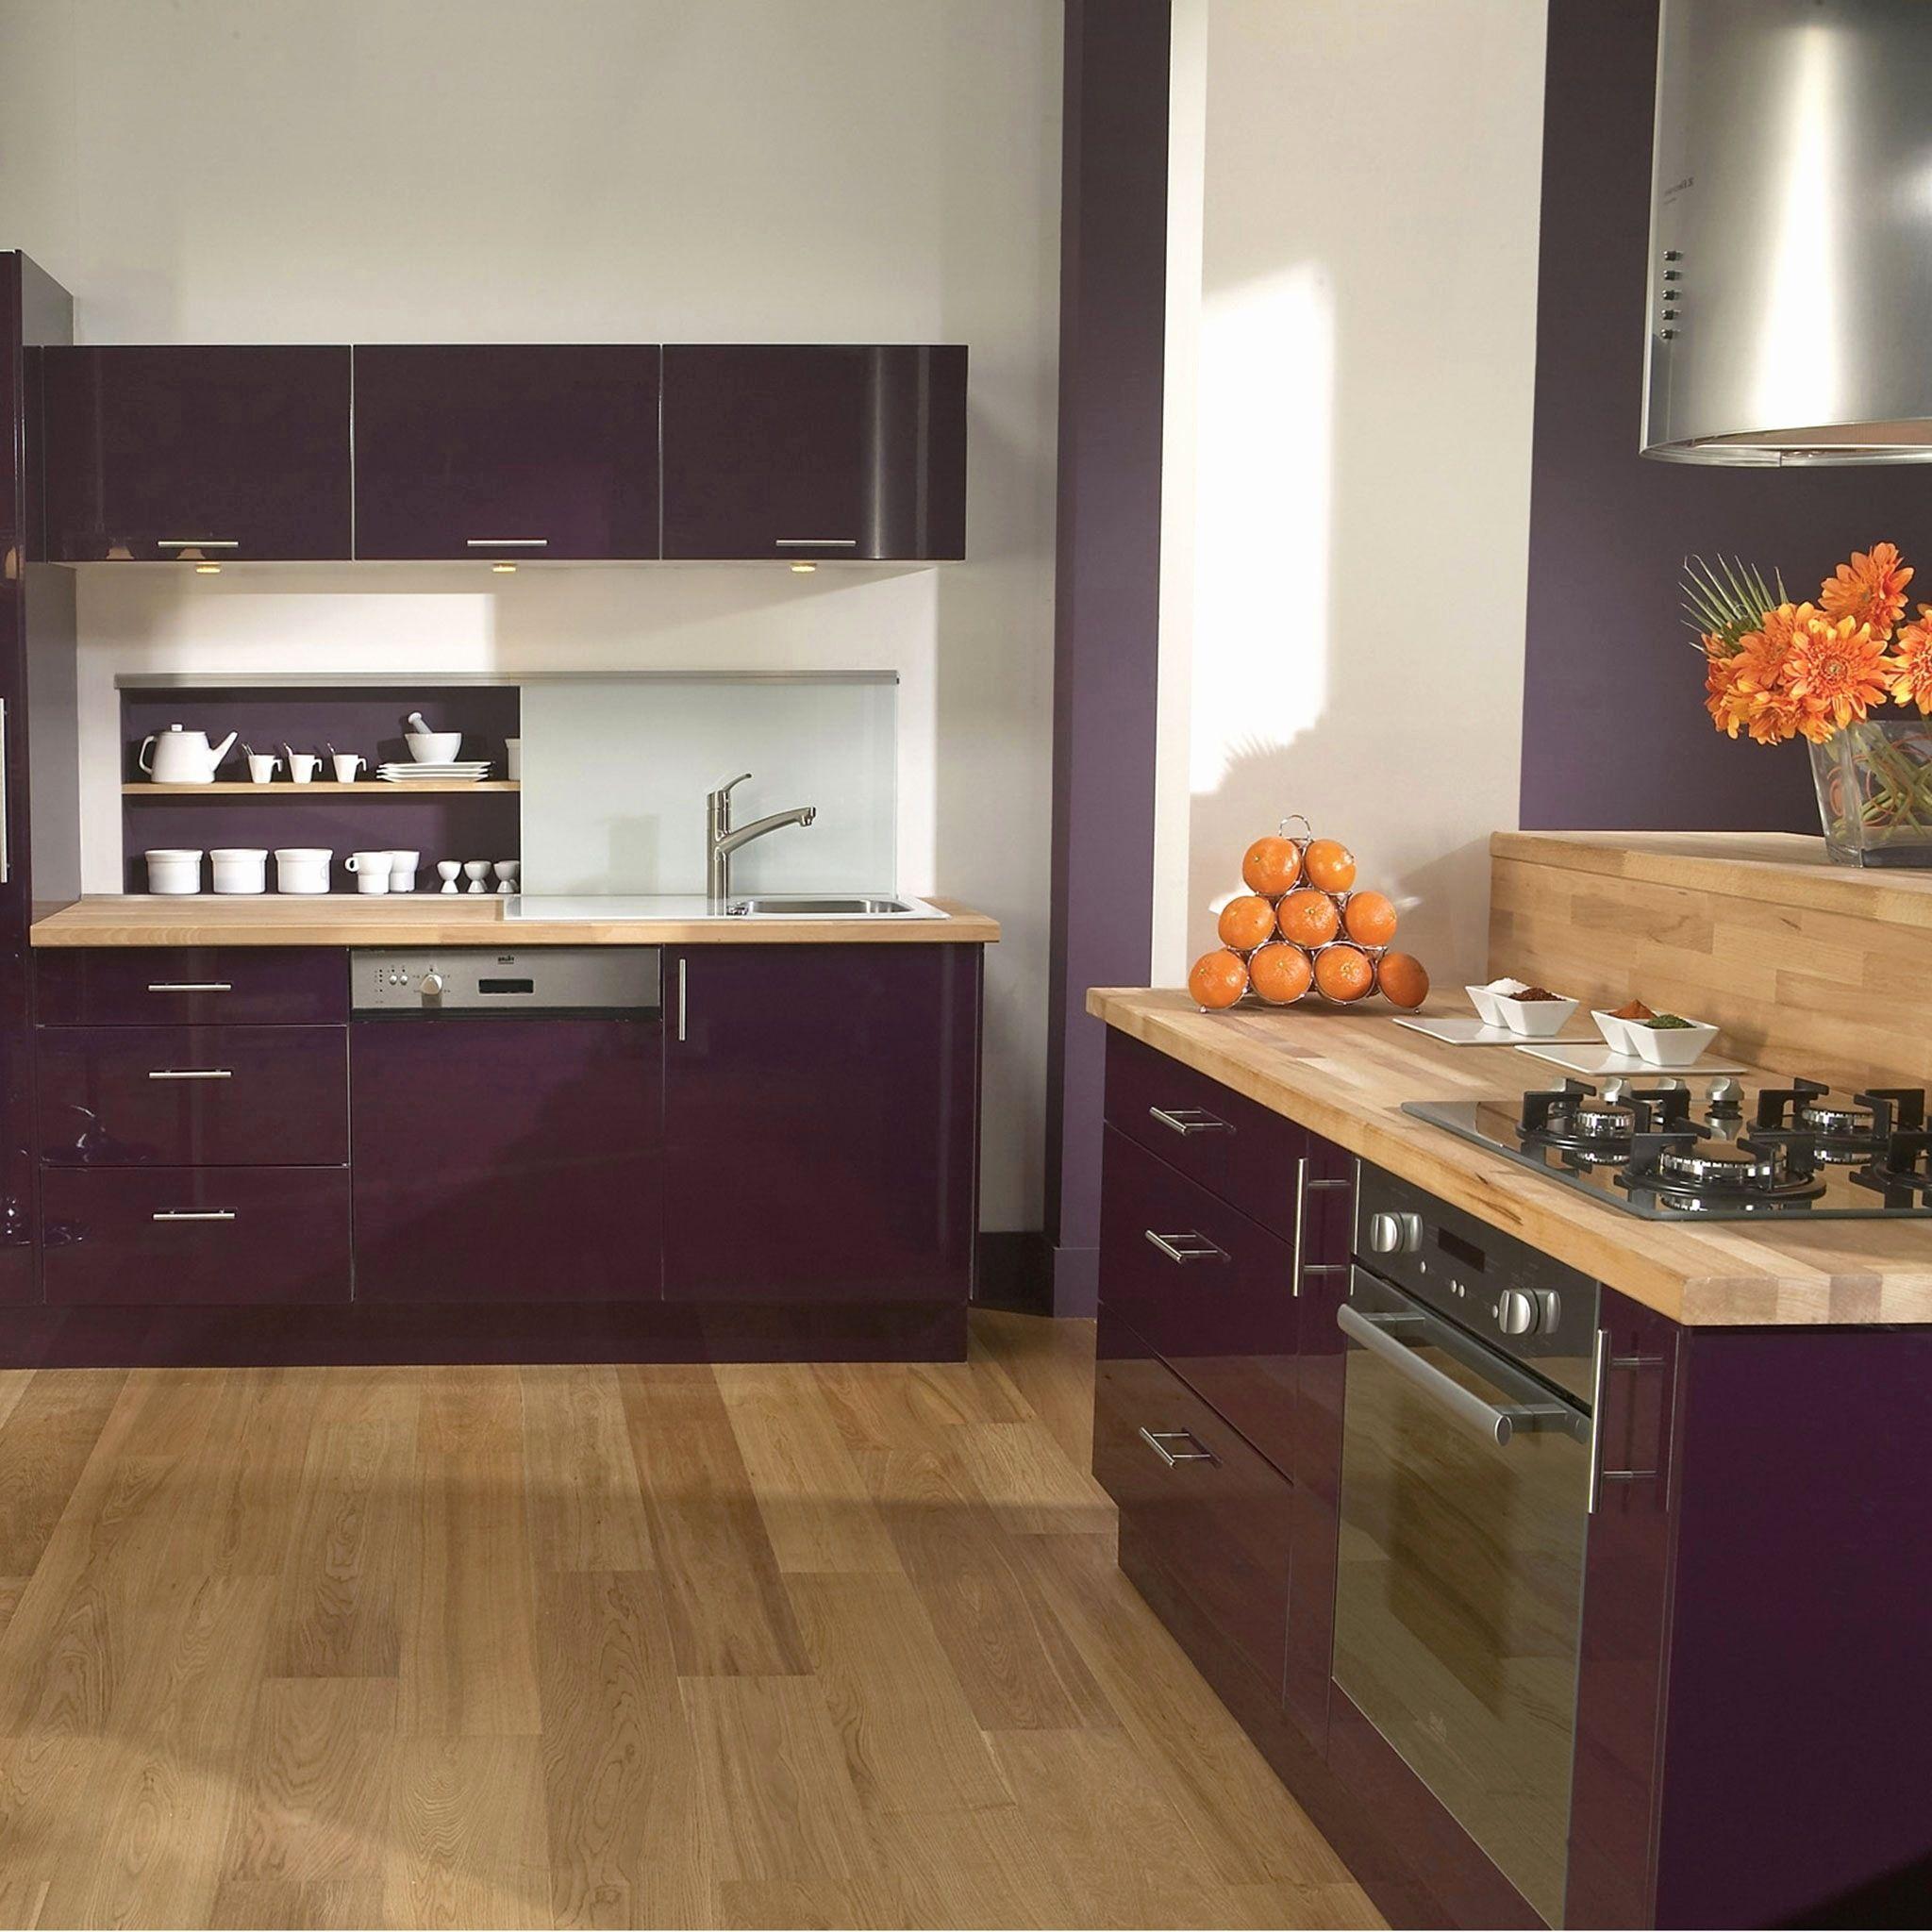 70 Beau Image De Porte Coulissante Sur Mesure Lapeyre Meuble Cuisine Leroy Merlin Meuble Cuisine Cuisine Violet